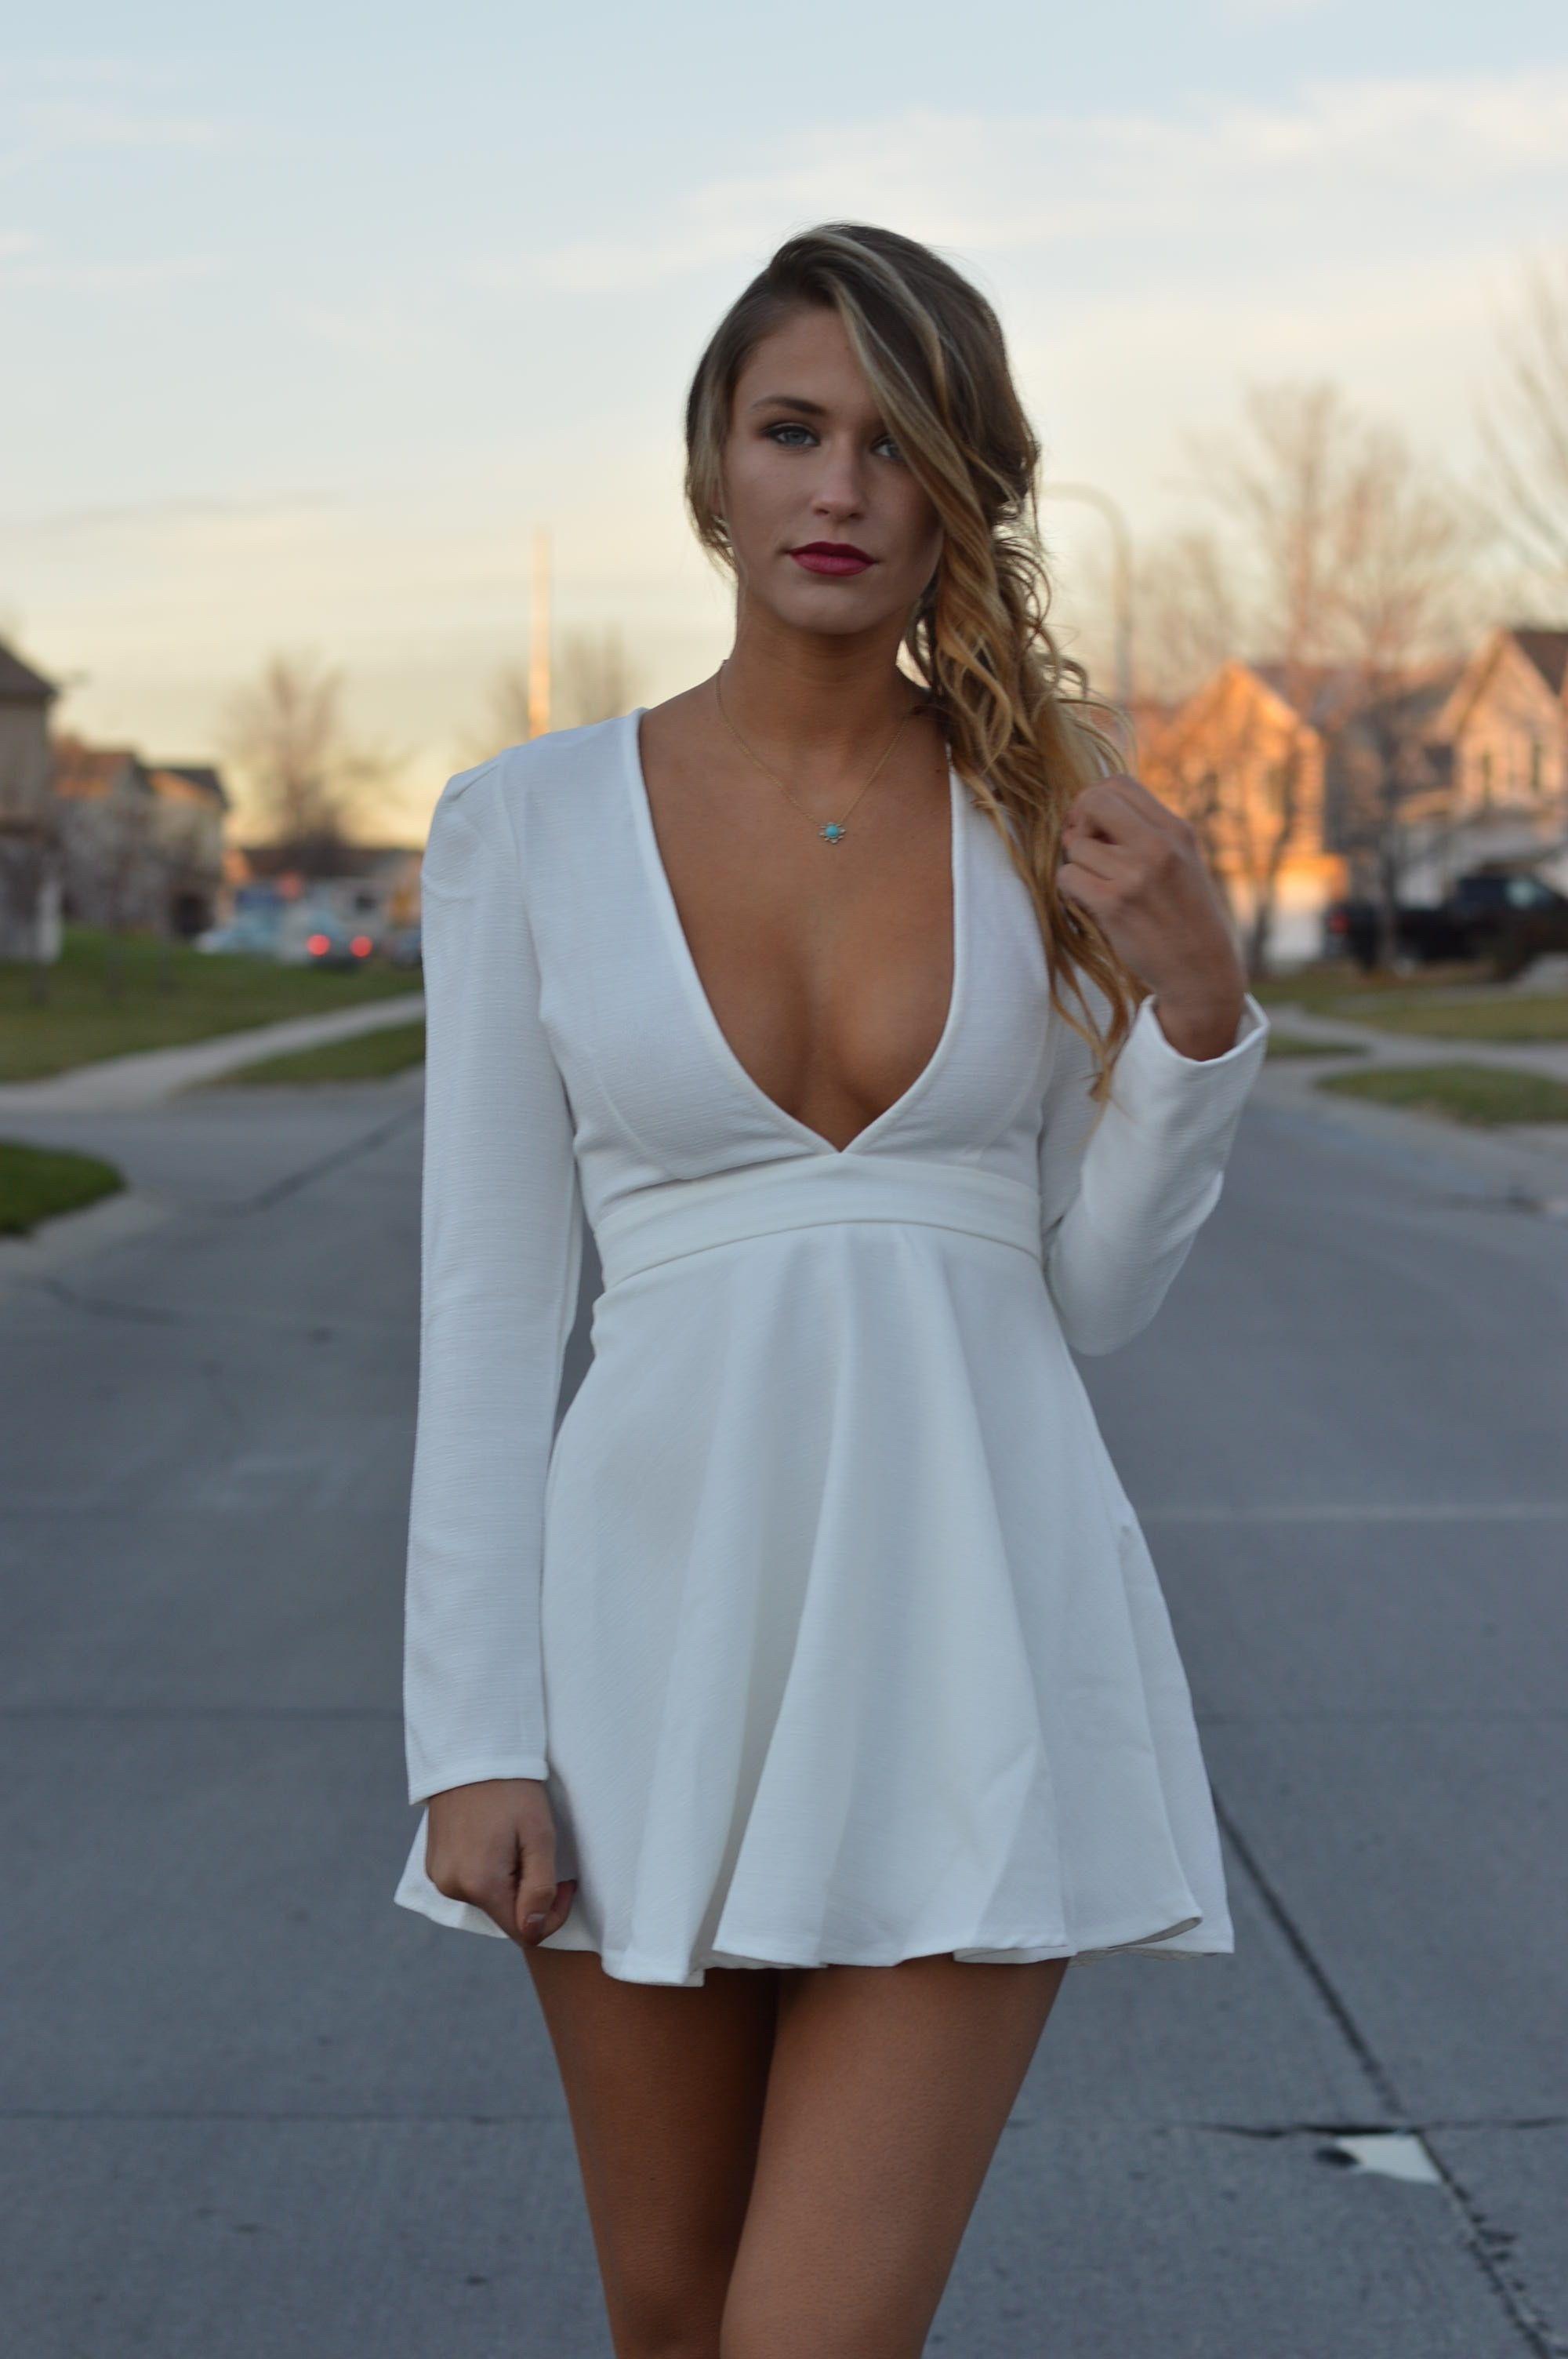 Long low cut white dress